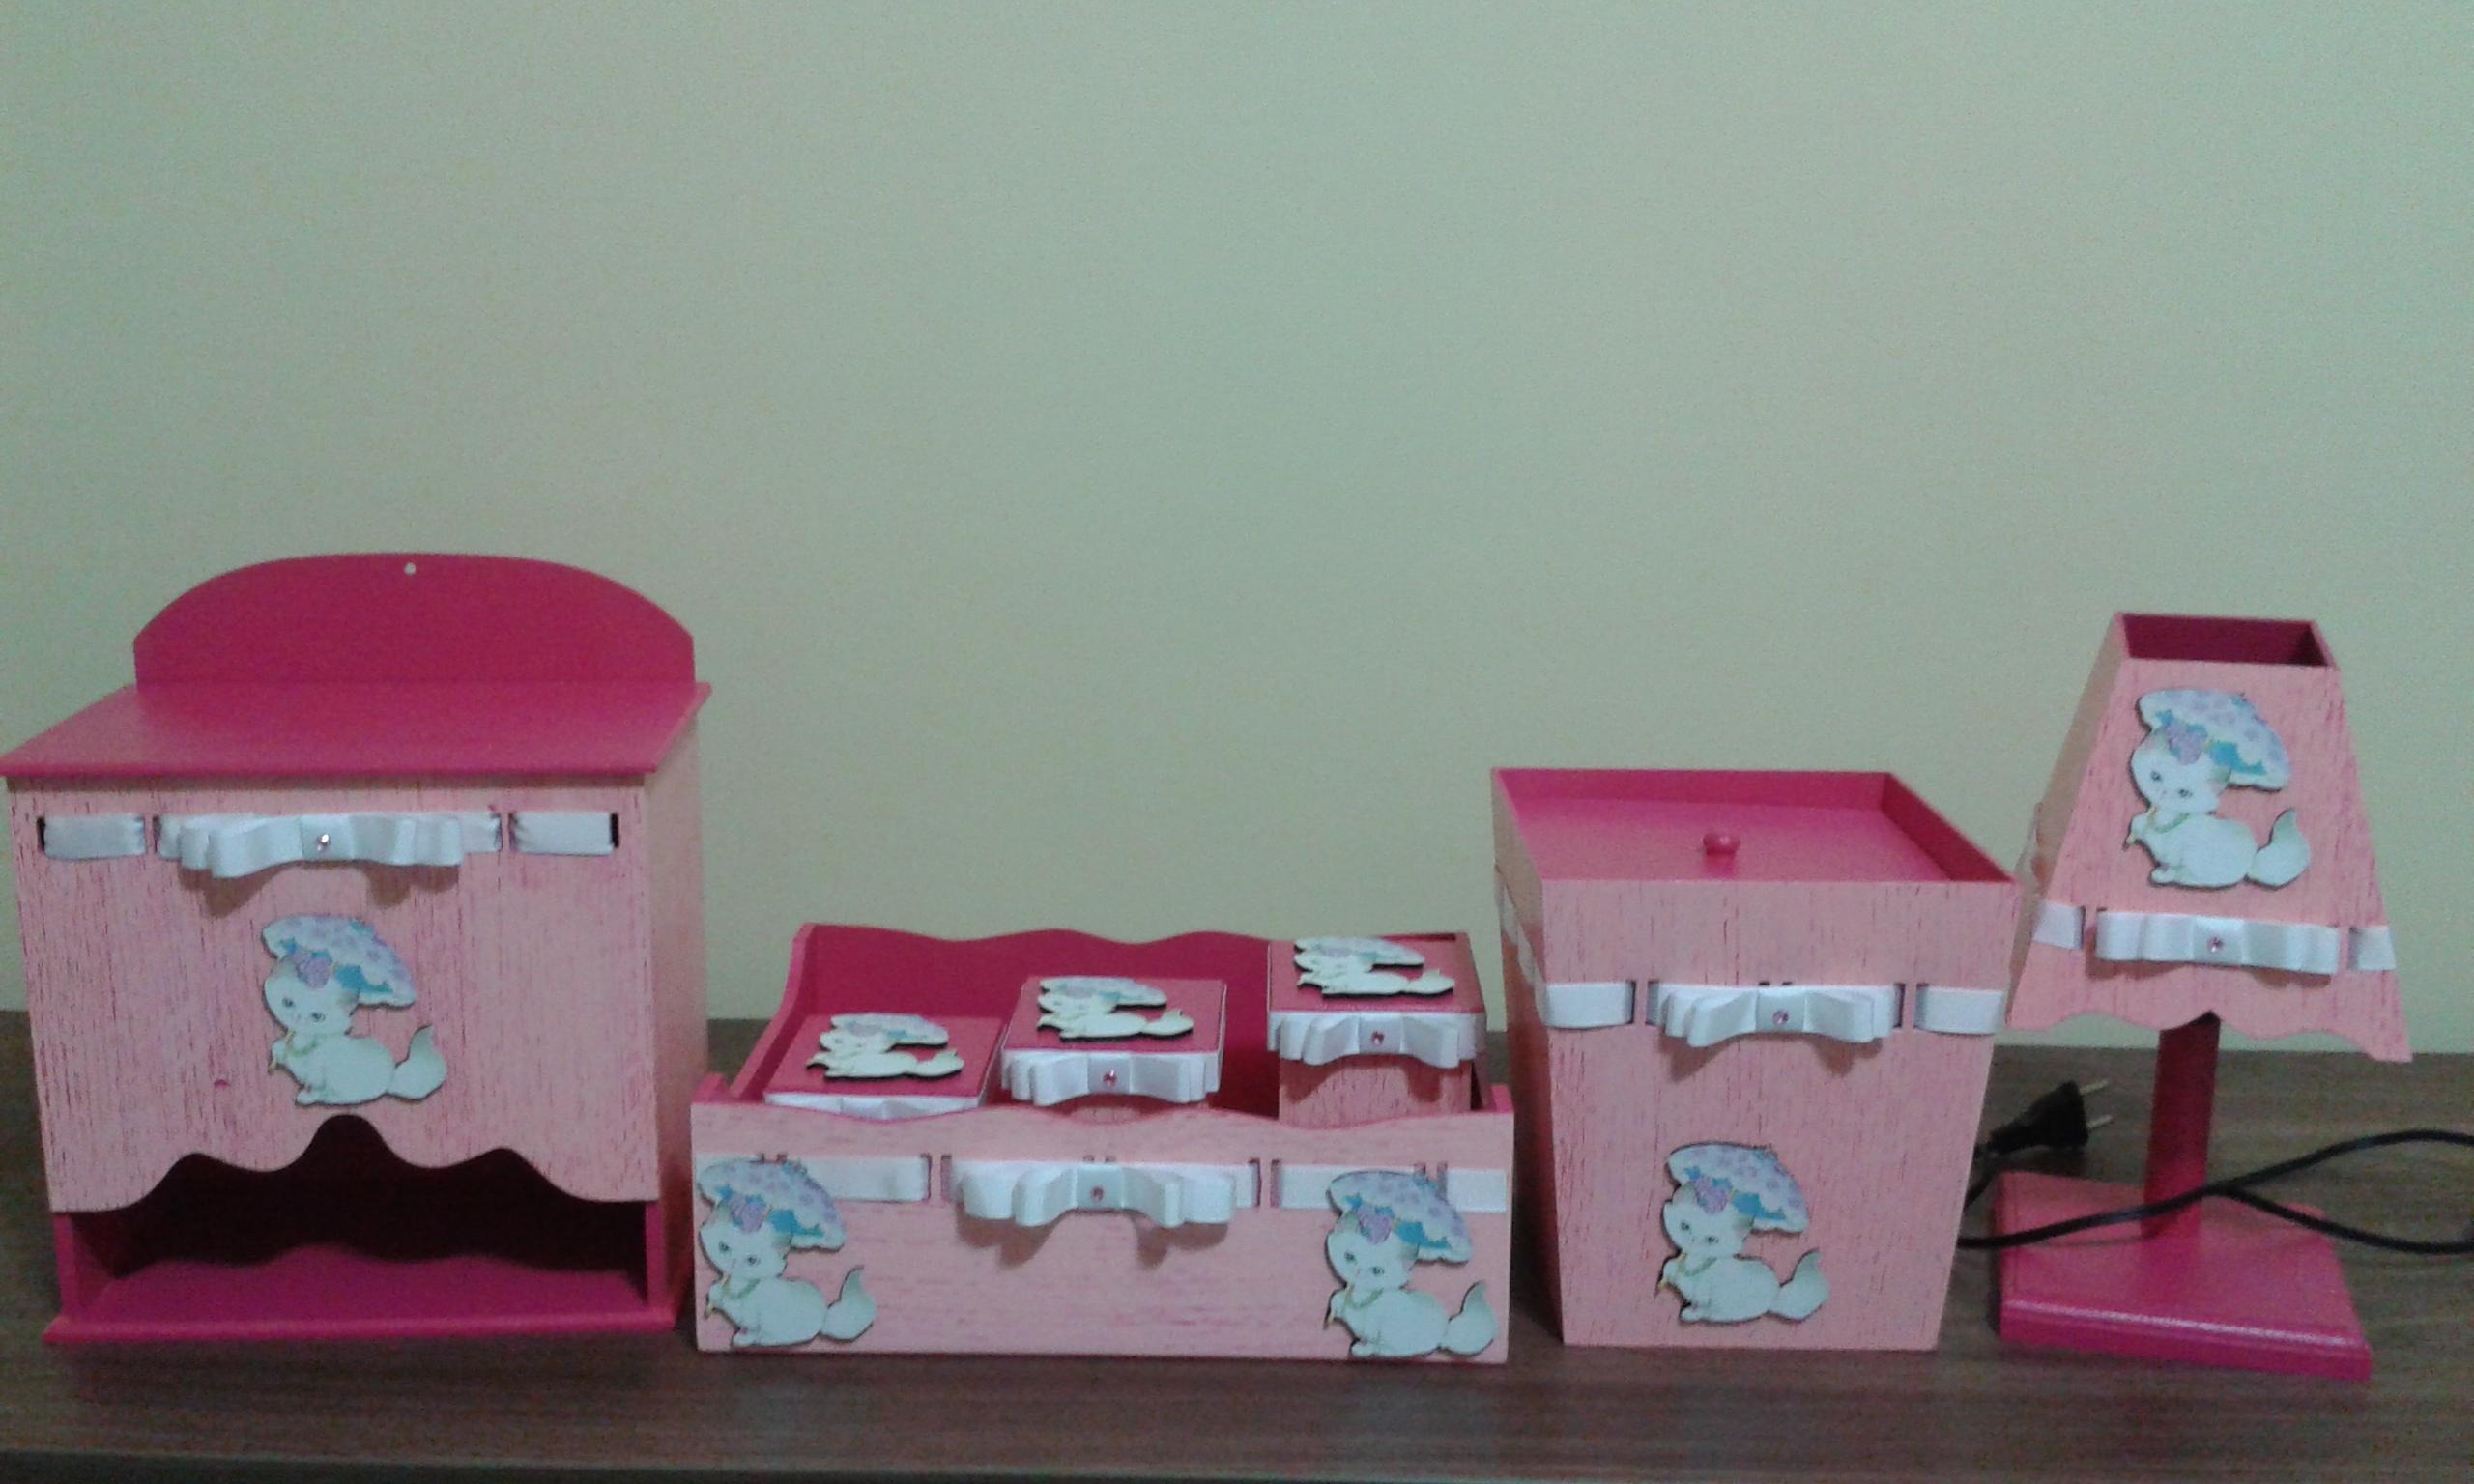 kit de bebe em mdf elo7 kit de bebe em mdf presentes #792844 2560x1536